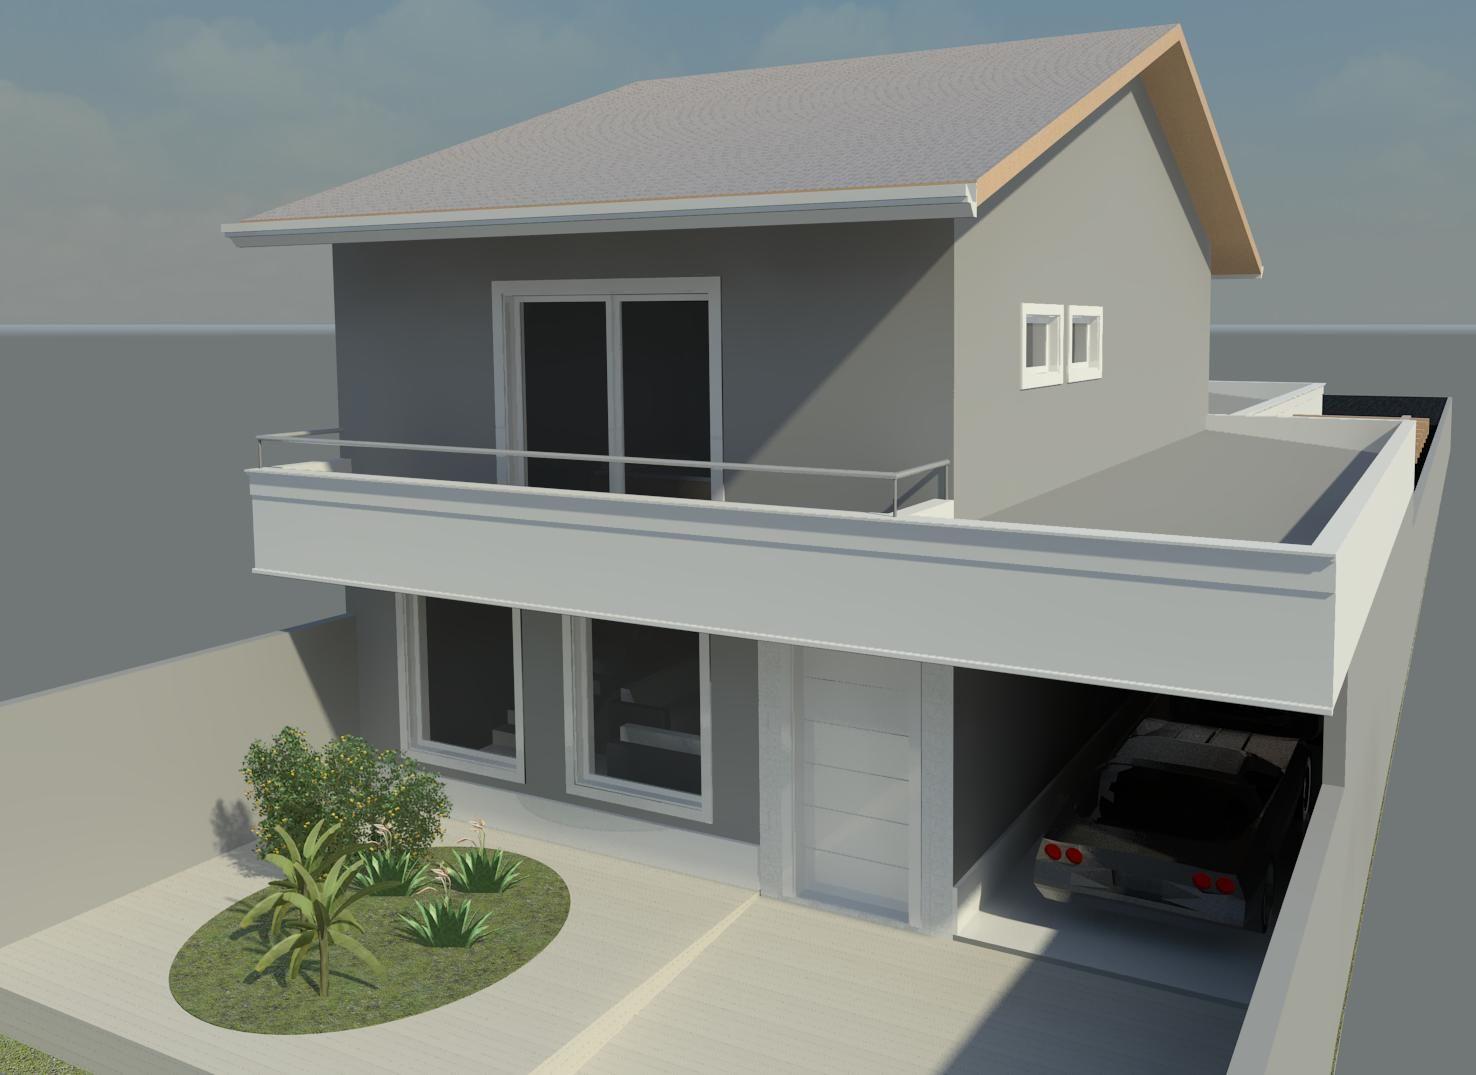 Casa cinza fachada pesquisa google pintura casa pinterest casa cinza fachadas e cinza - Pintura para fachada ...